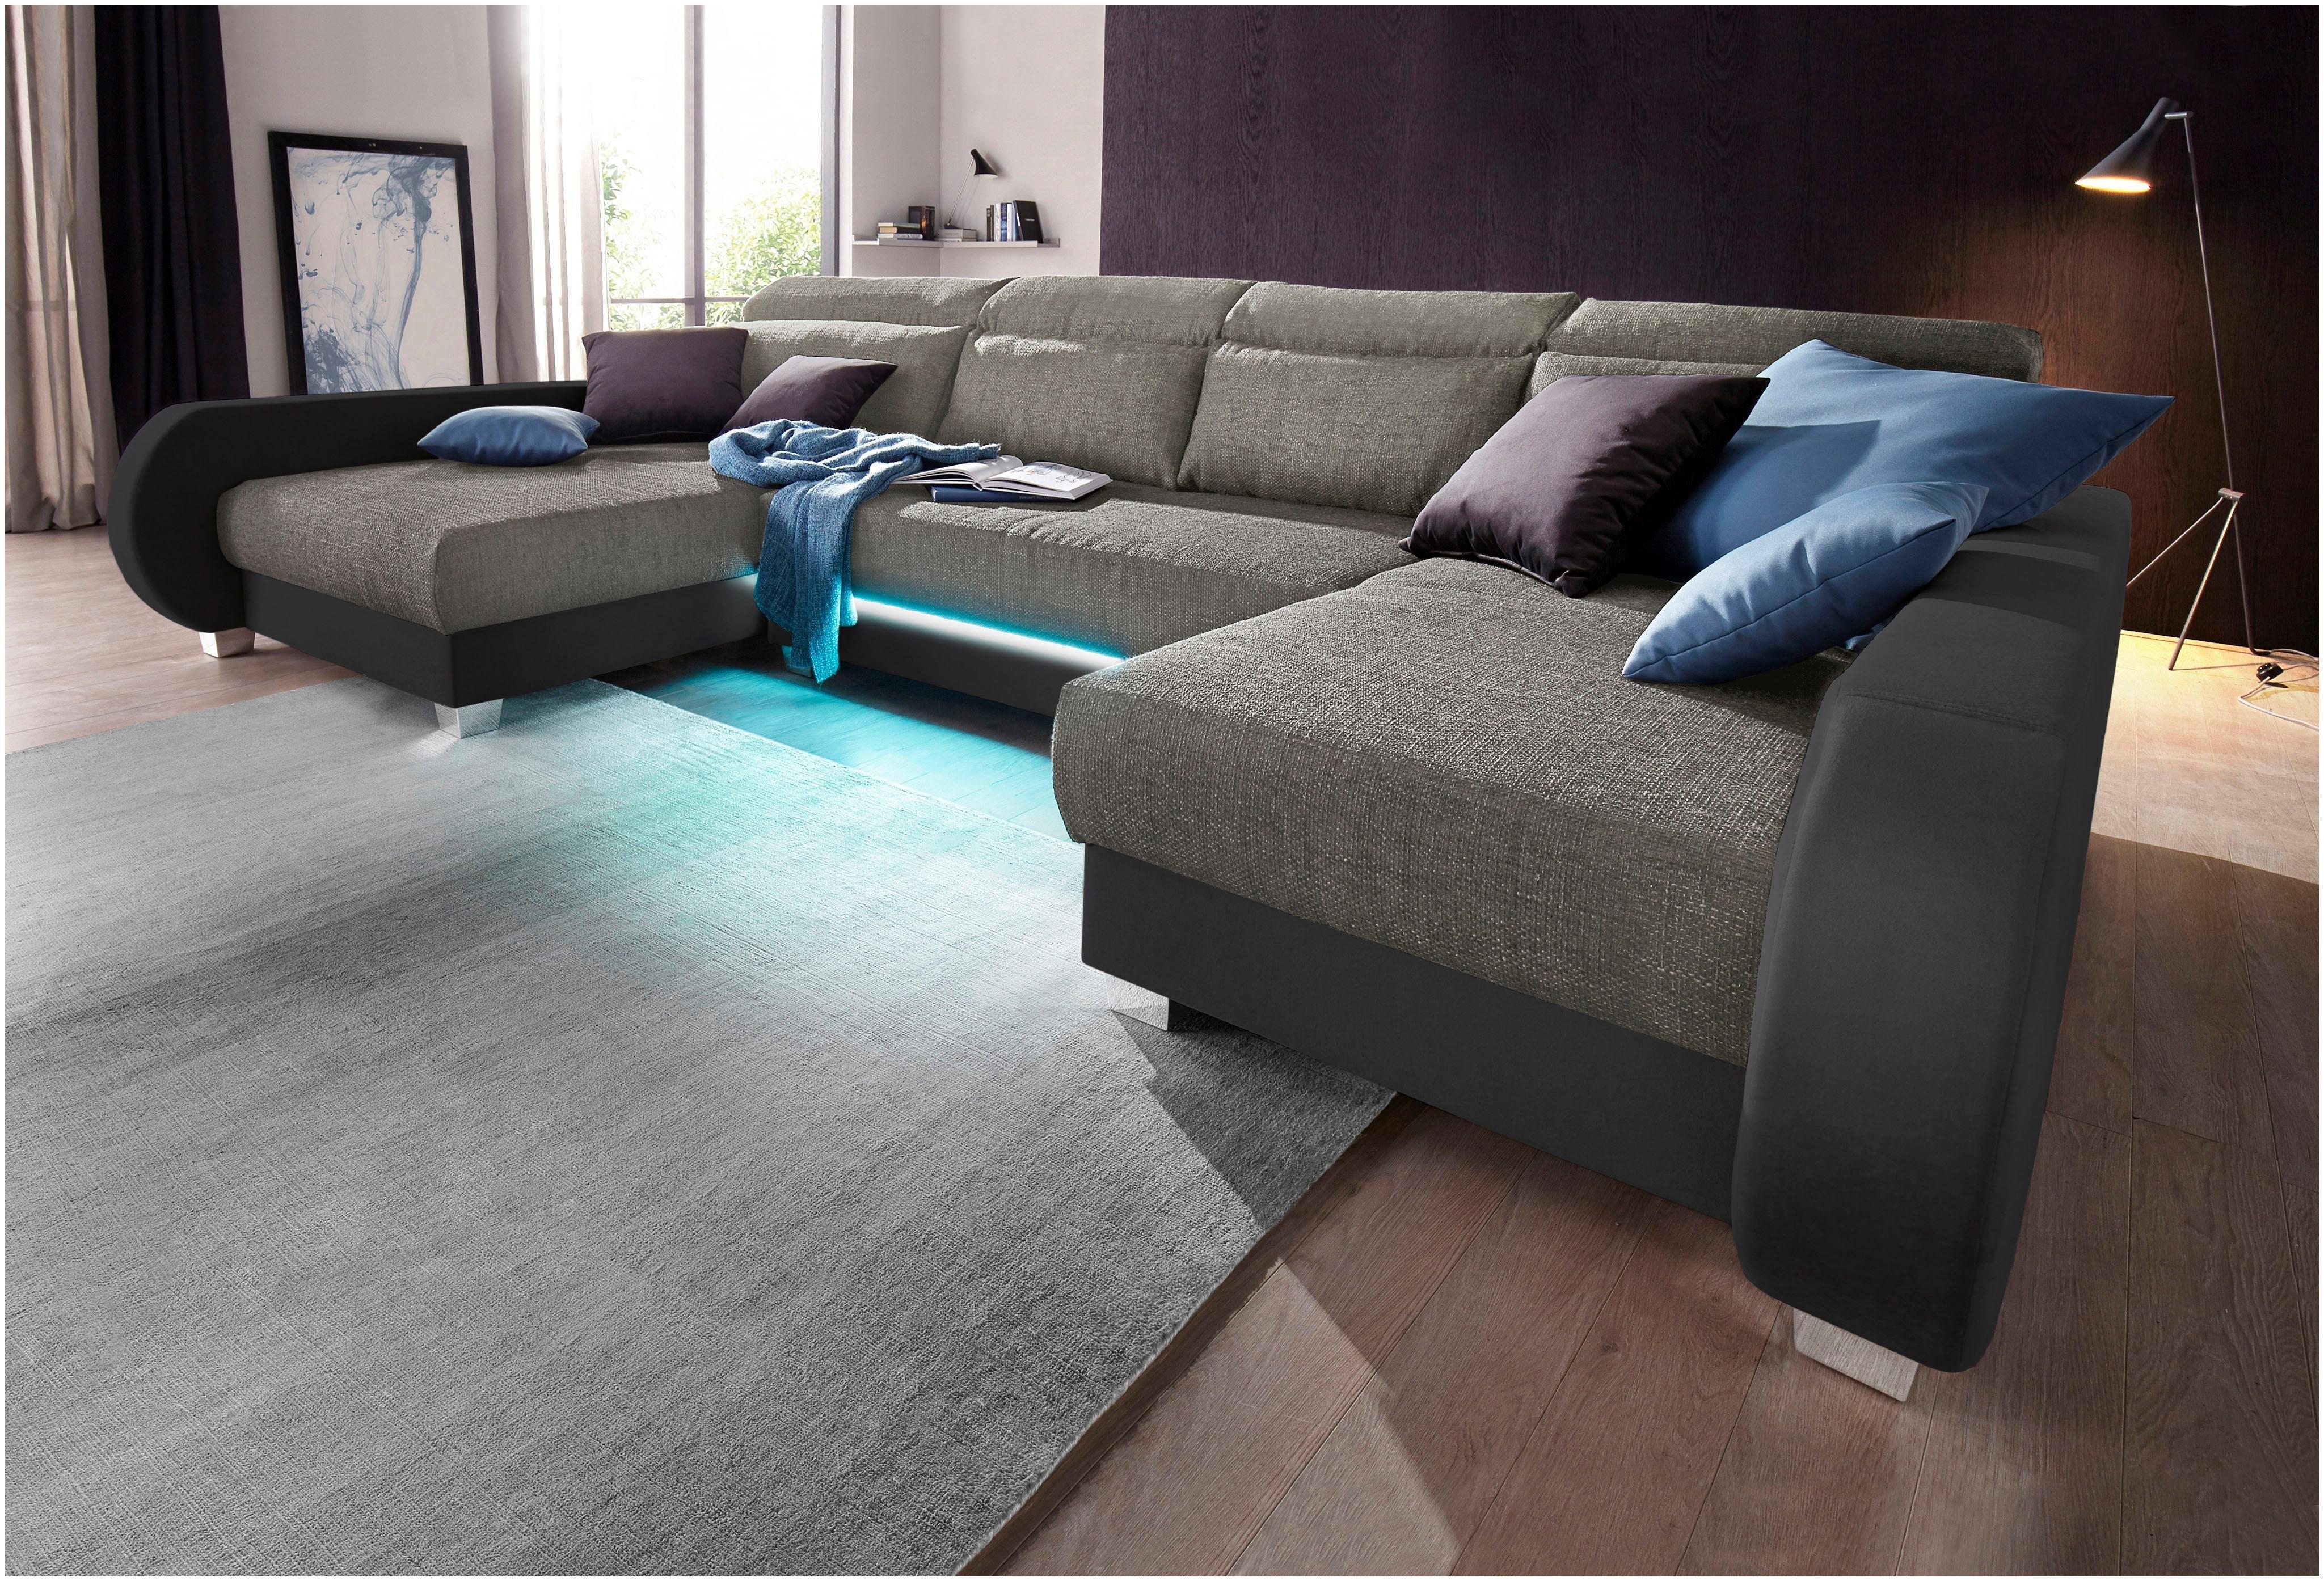 COLLECTION AB zithoek inclusief LED-verlichting, naar keuze met ...